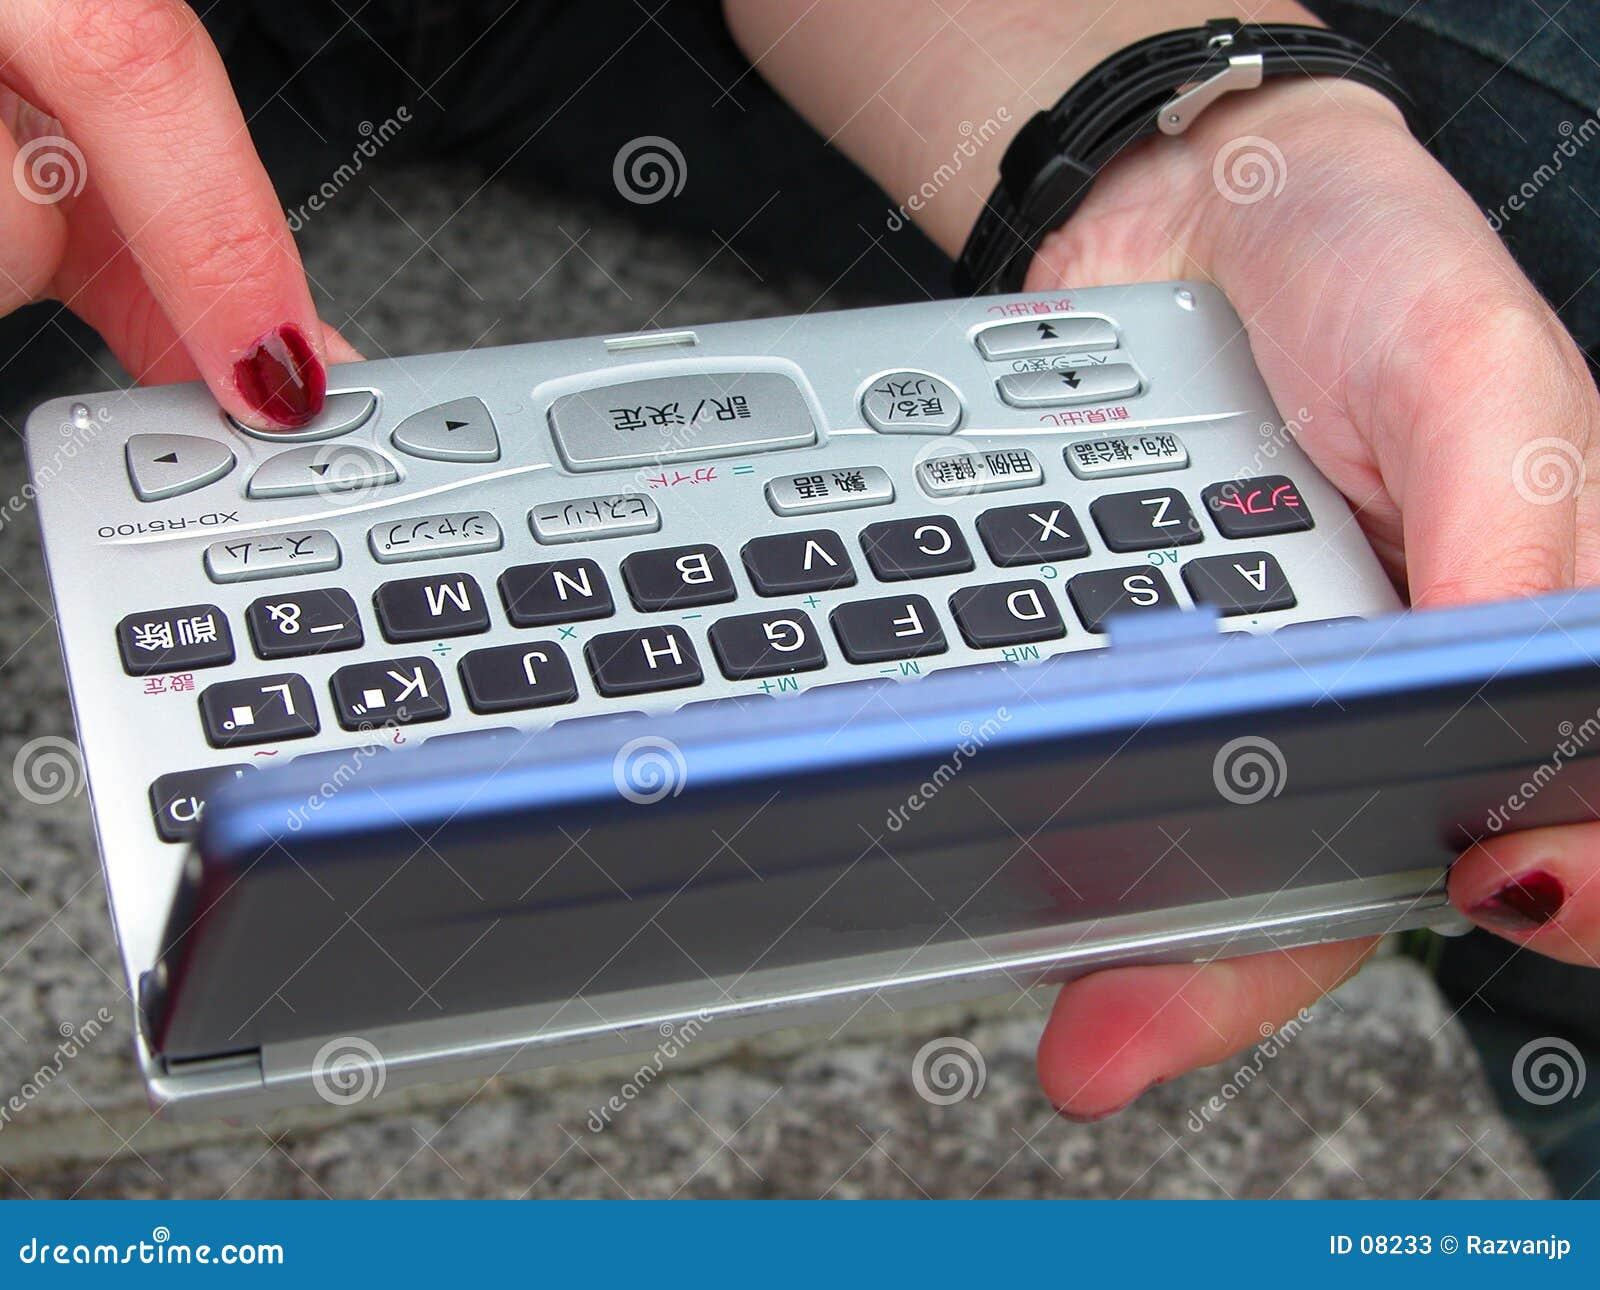 Usando um dicionário eletrônico